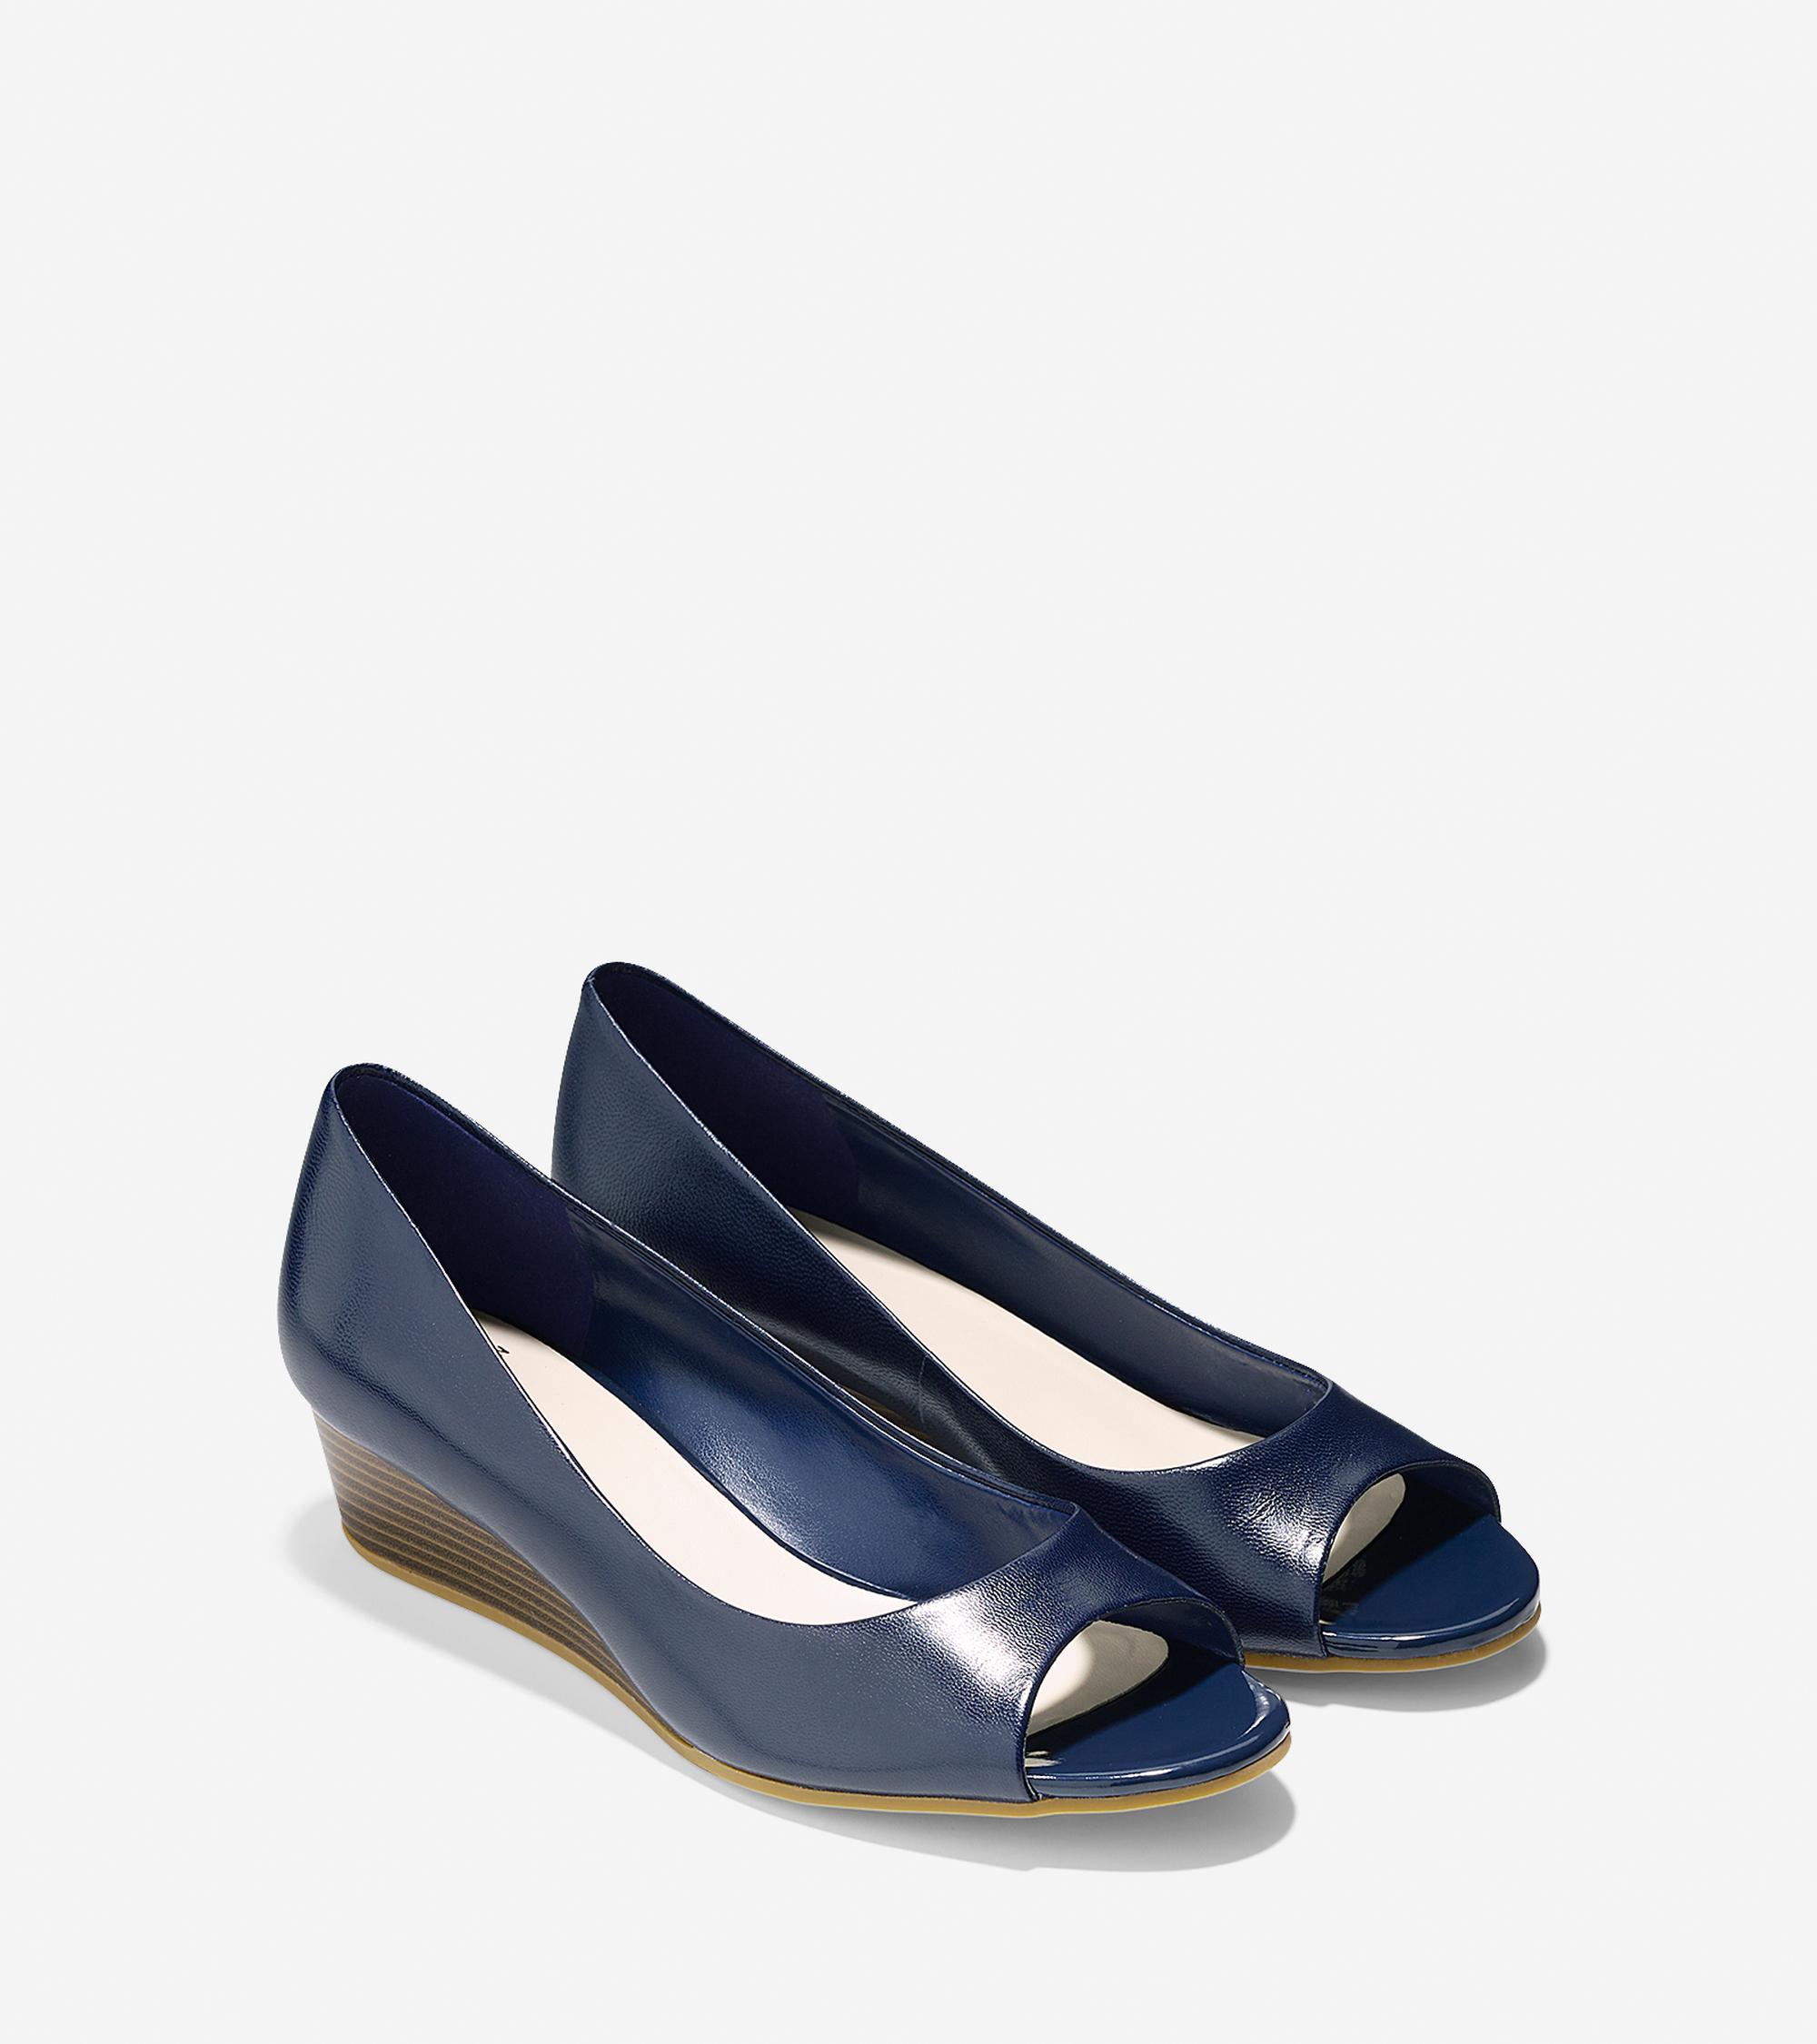 Cole Haan Shoes Uk Online